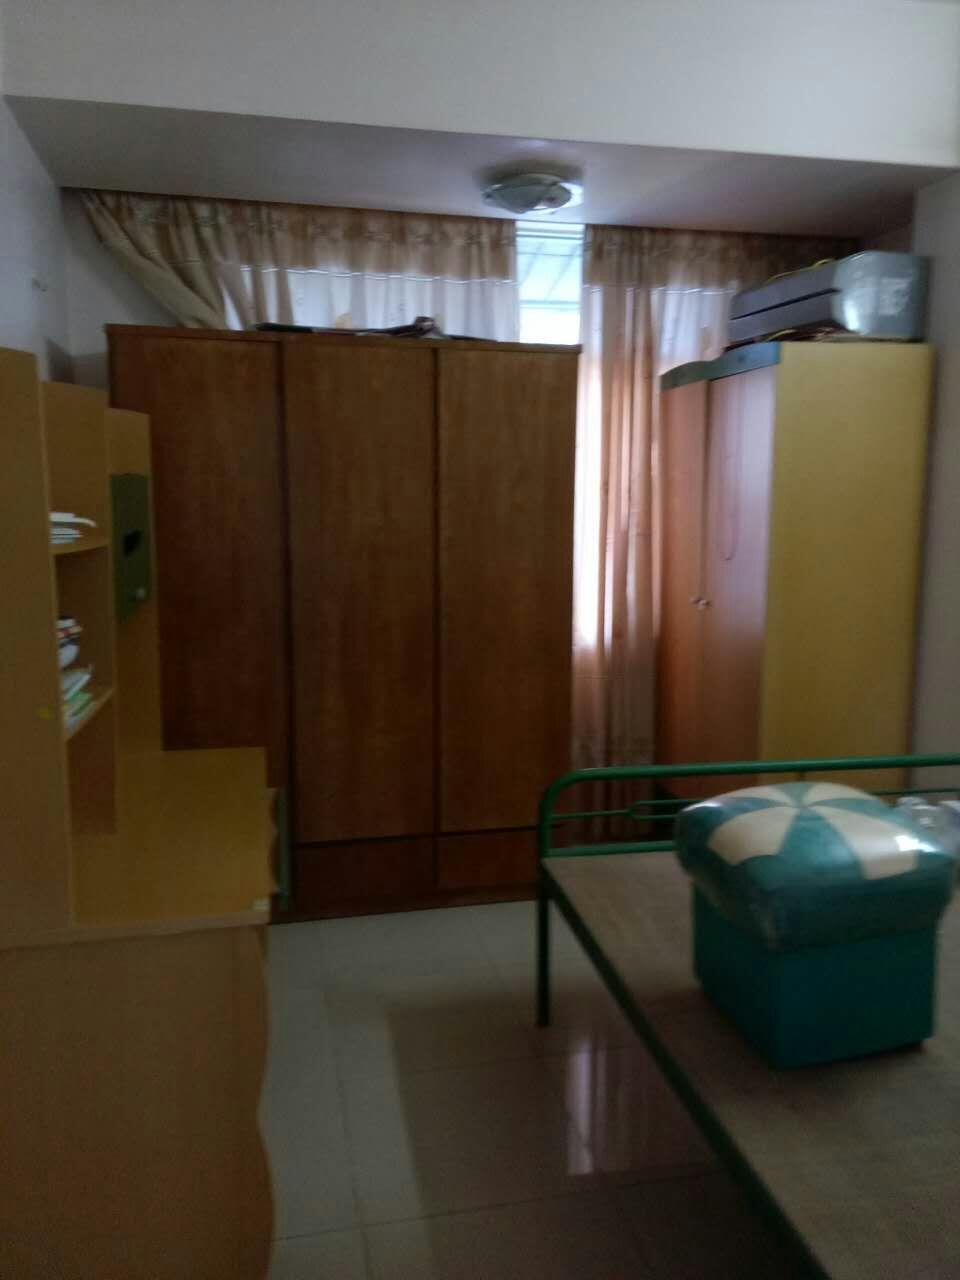 急租,世贸附近南桥路单位房3房2厅,家具齐全,1200元